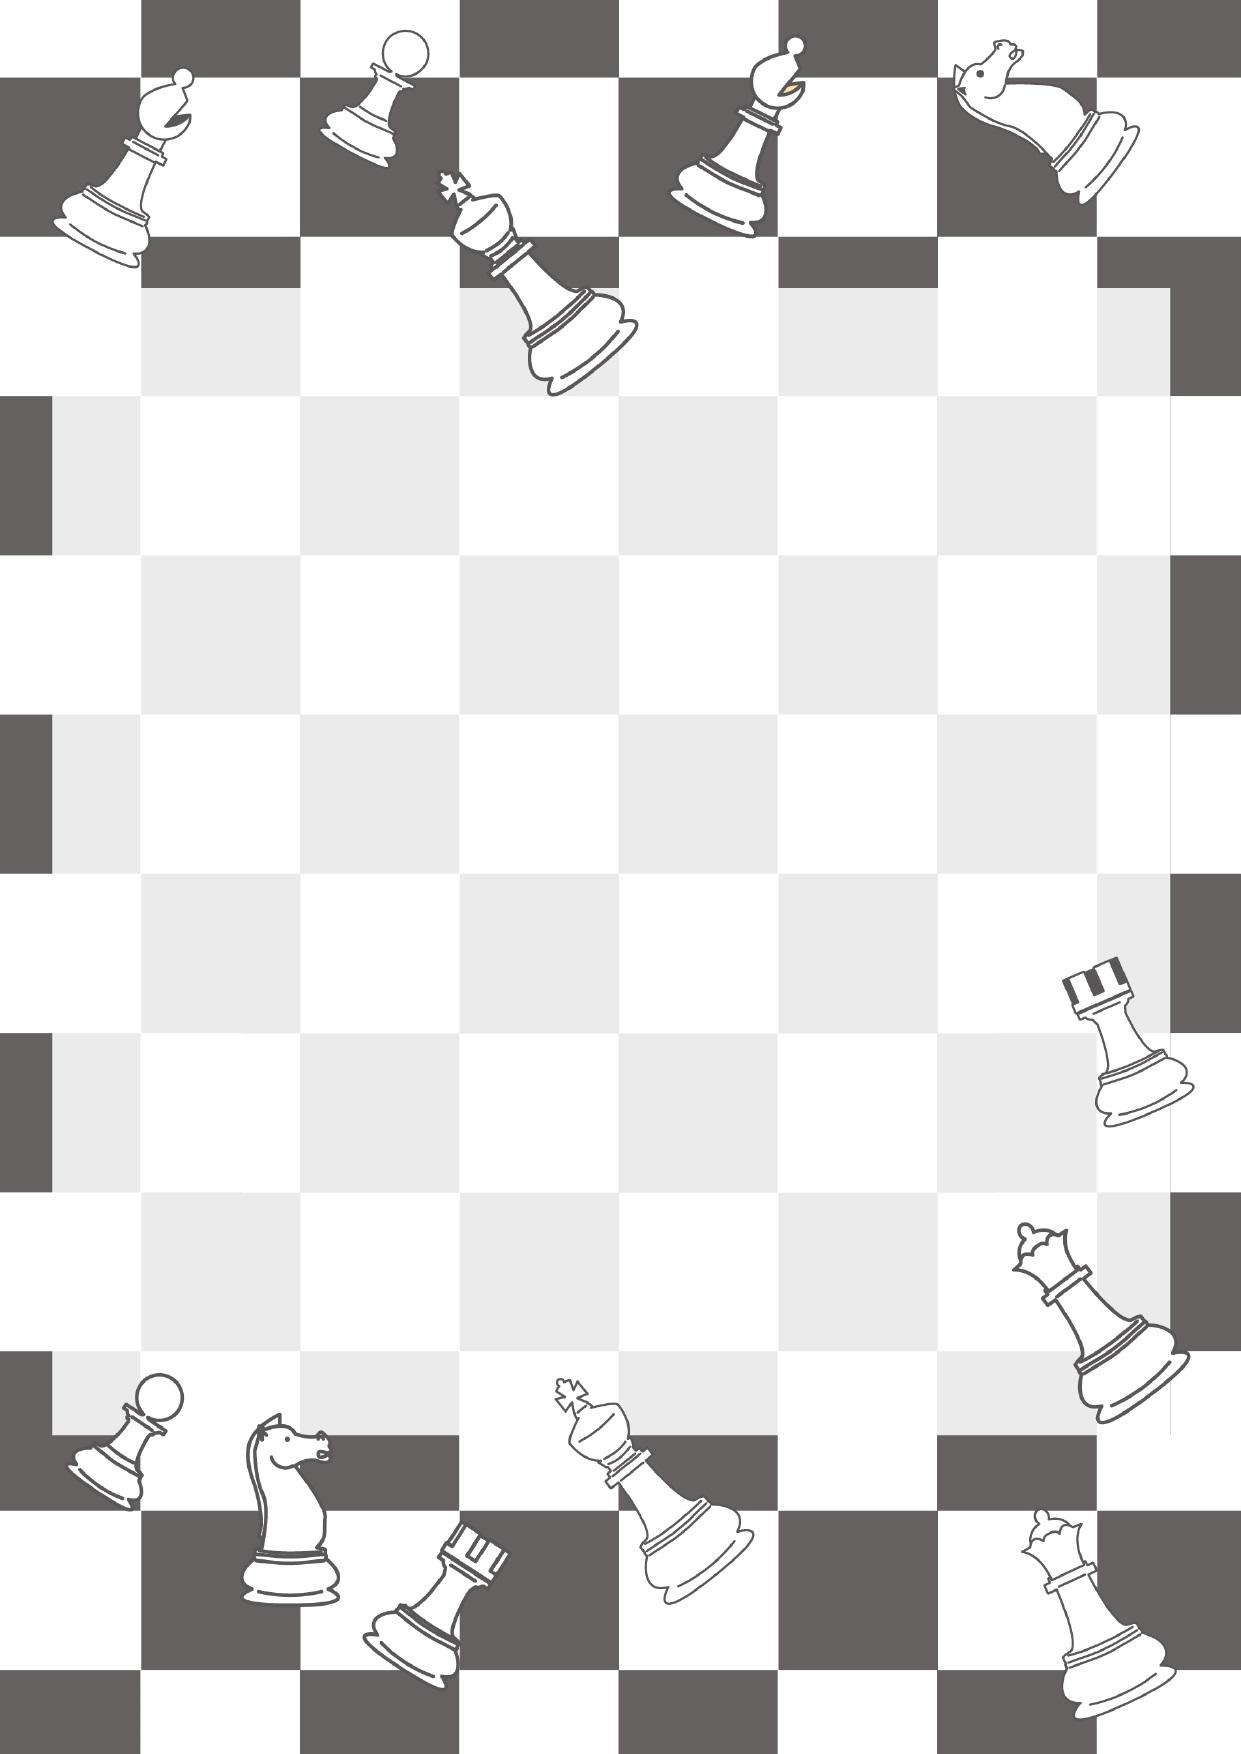 モノクロ(白黒)のチェス盤の背景とチェス駒のフレーム